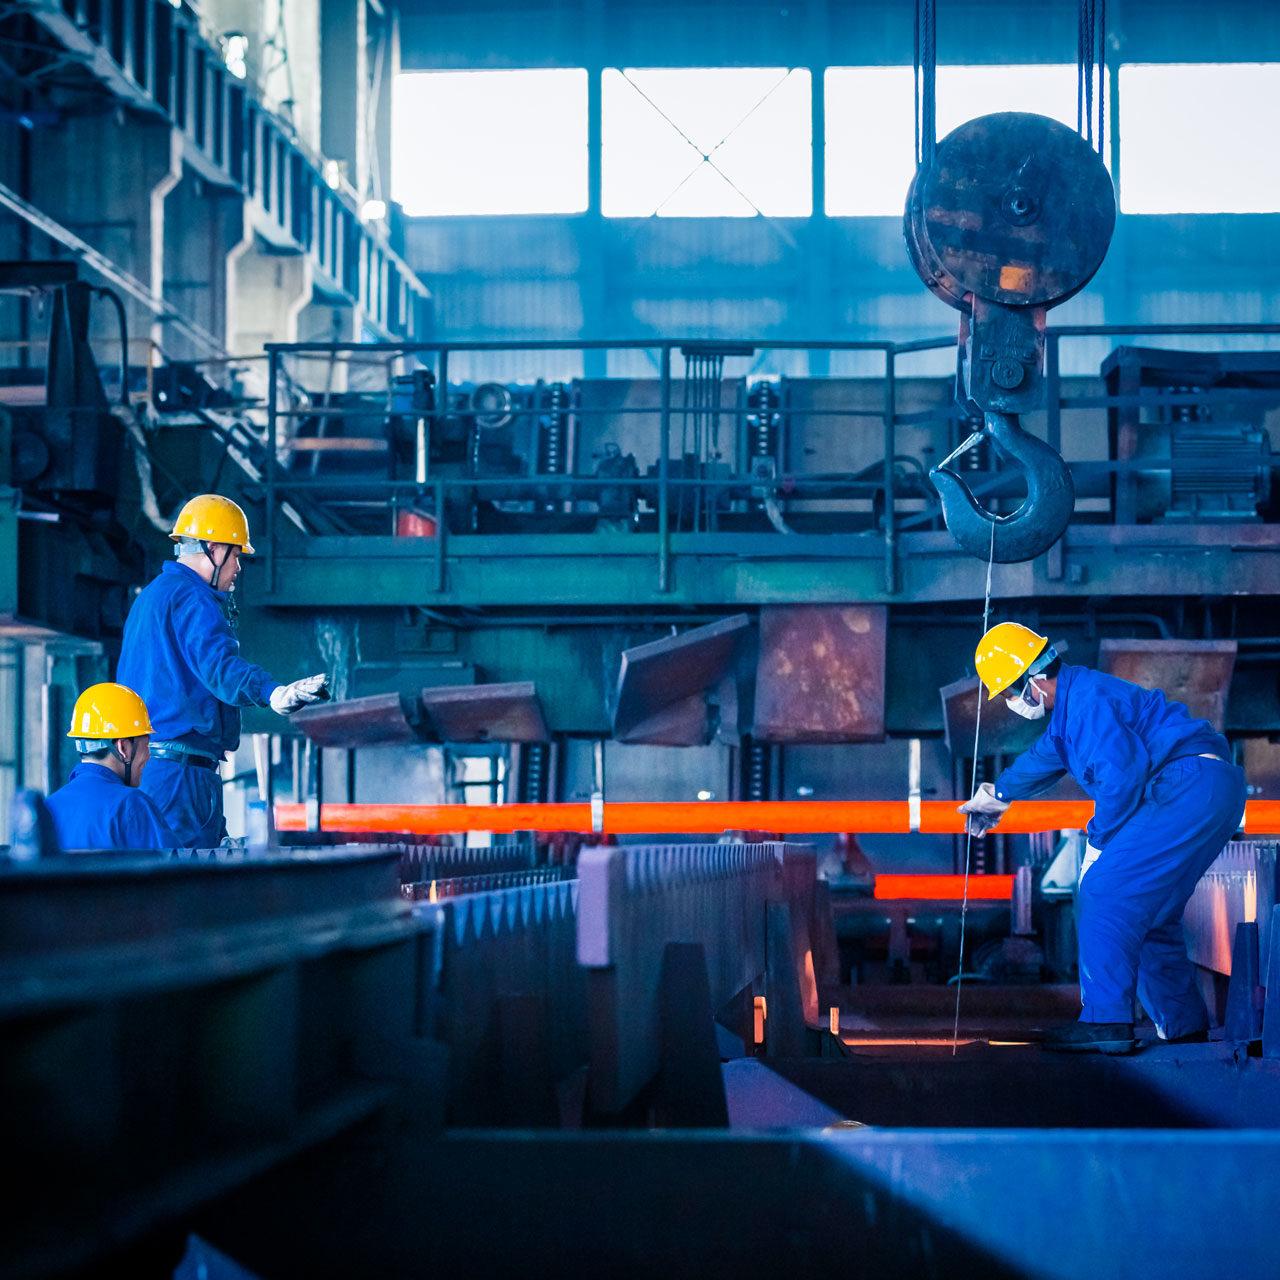 Sicurezza sul Lavoro in Materia di Scaffalature Industriali